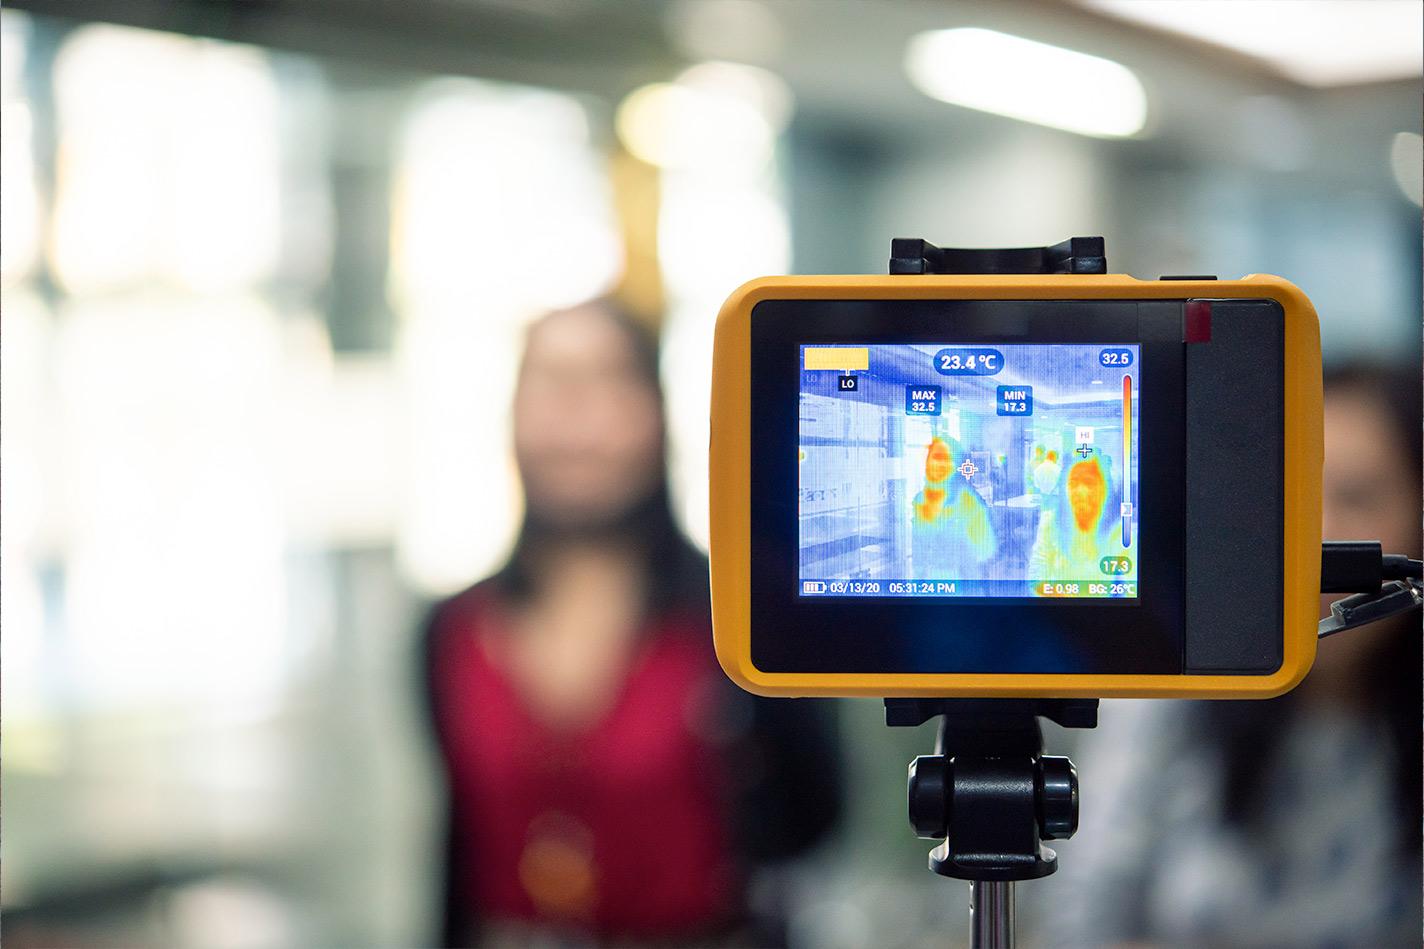 Thermal Queue Camera